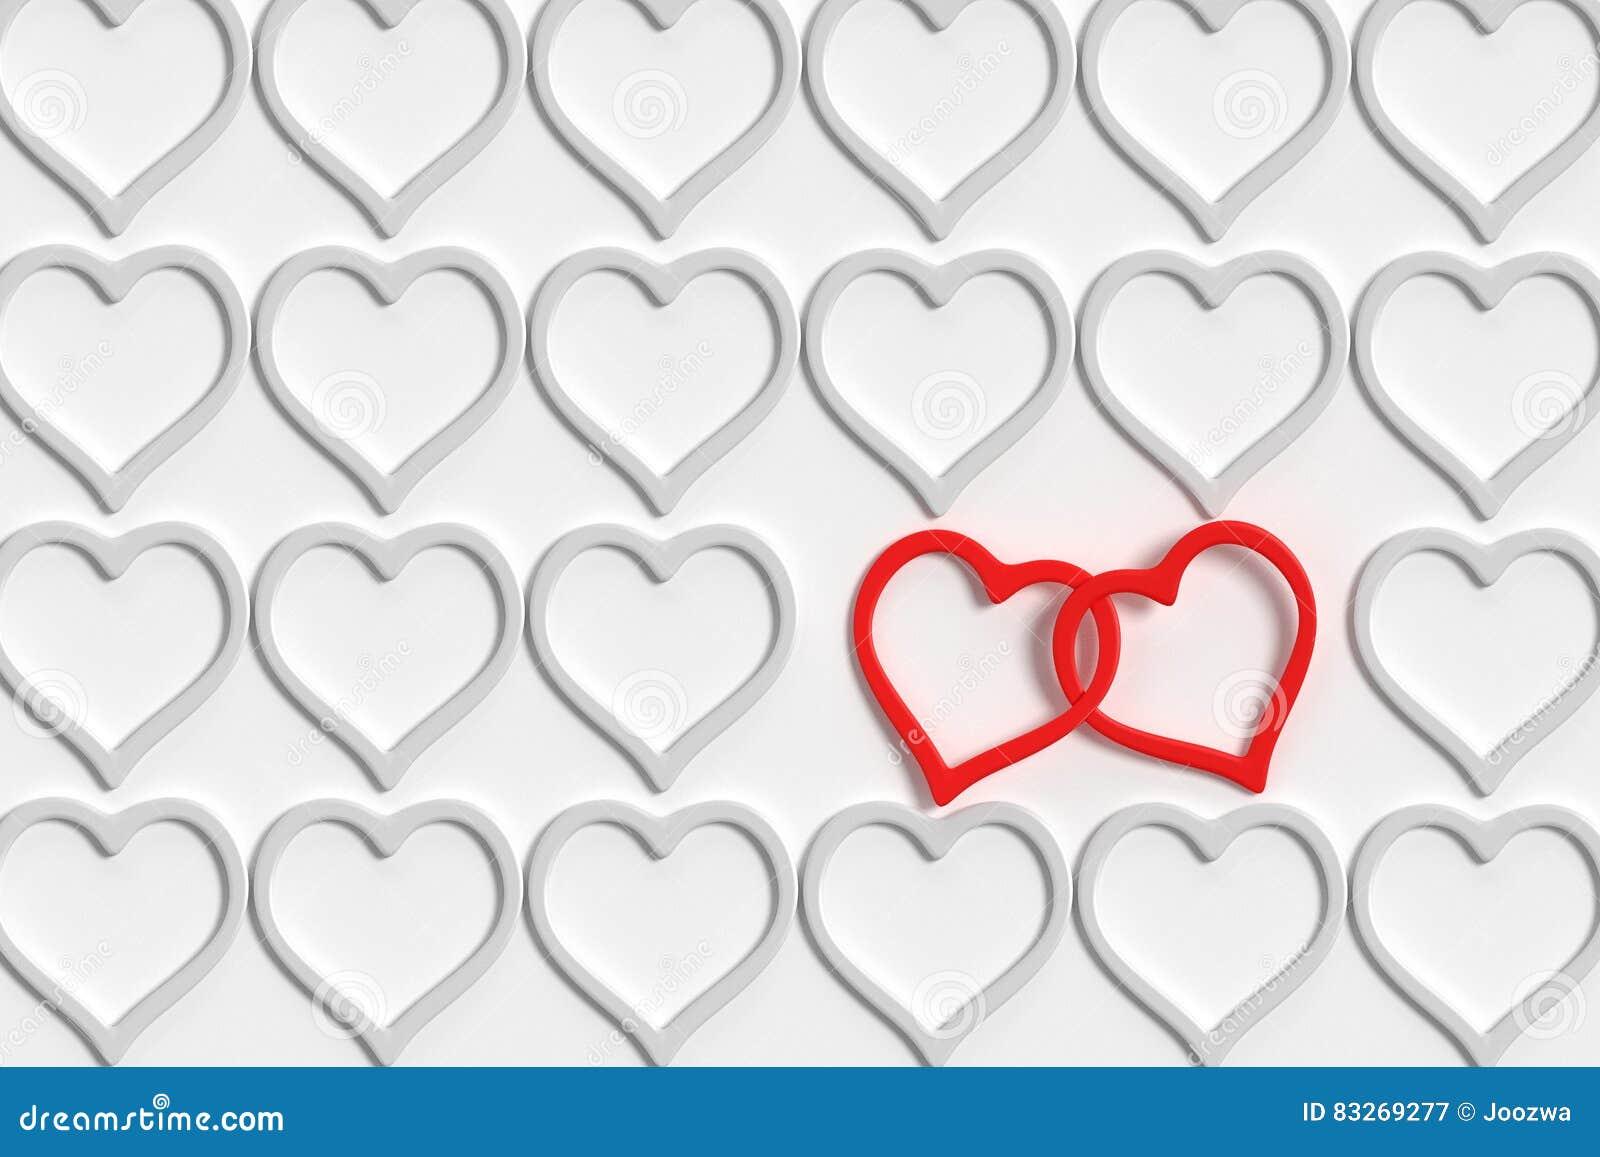 Coeurs reliés